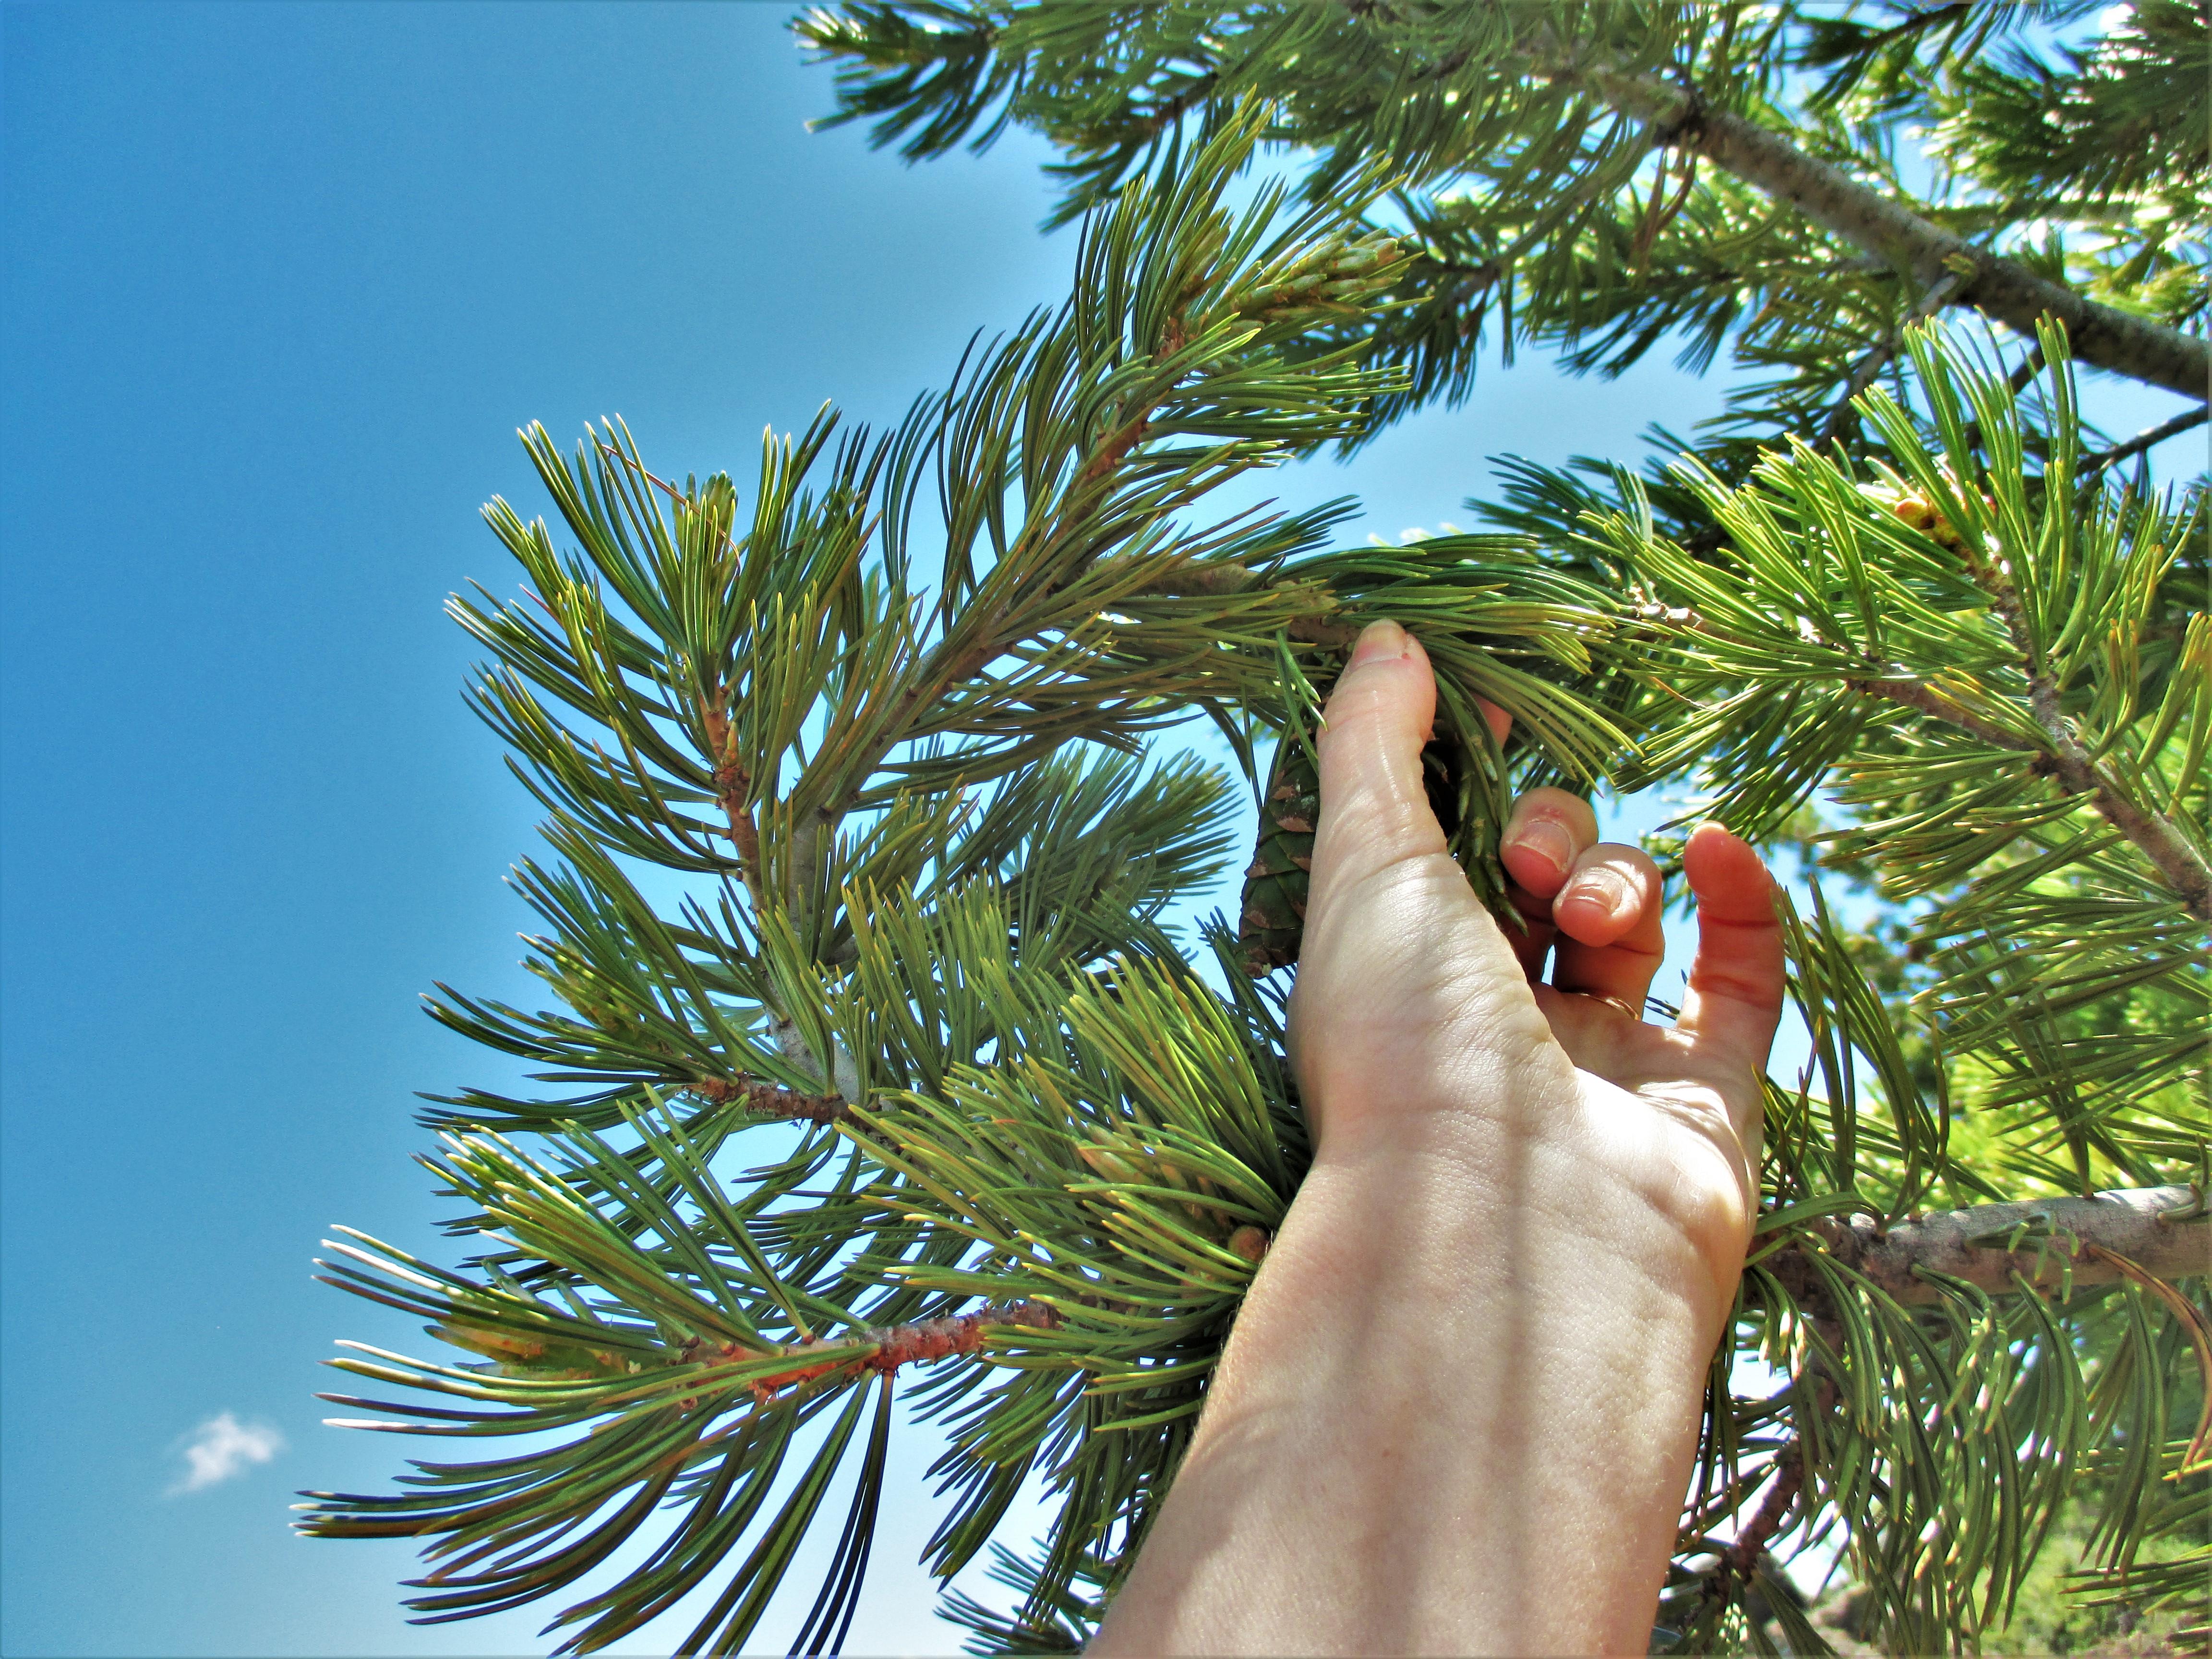 wwwwwww circley linber pine.jpg